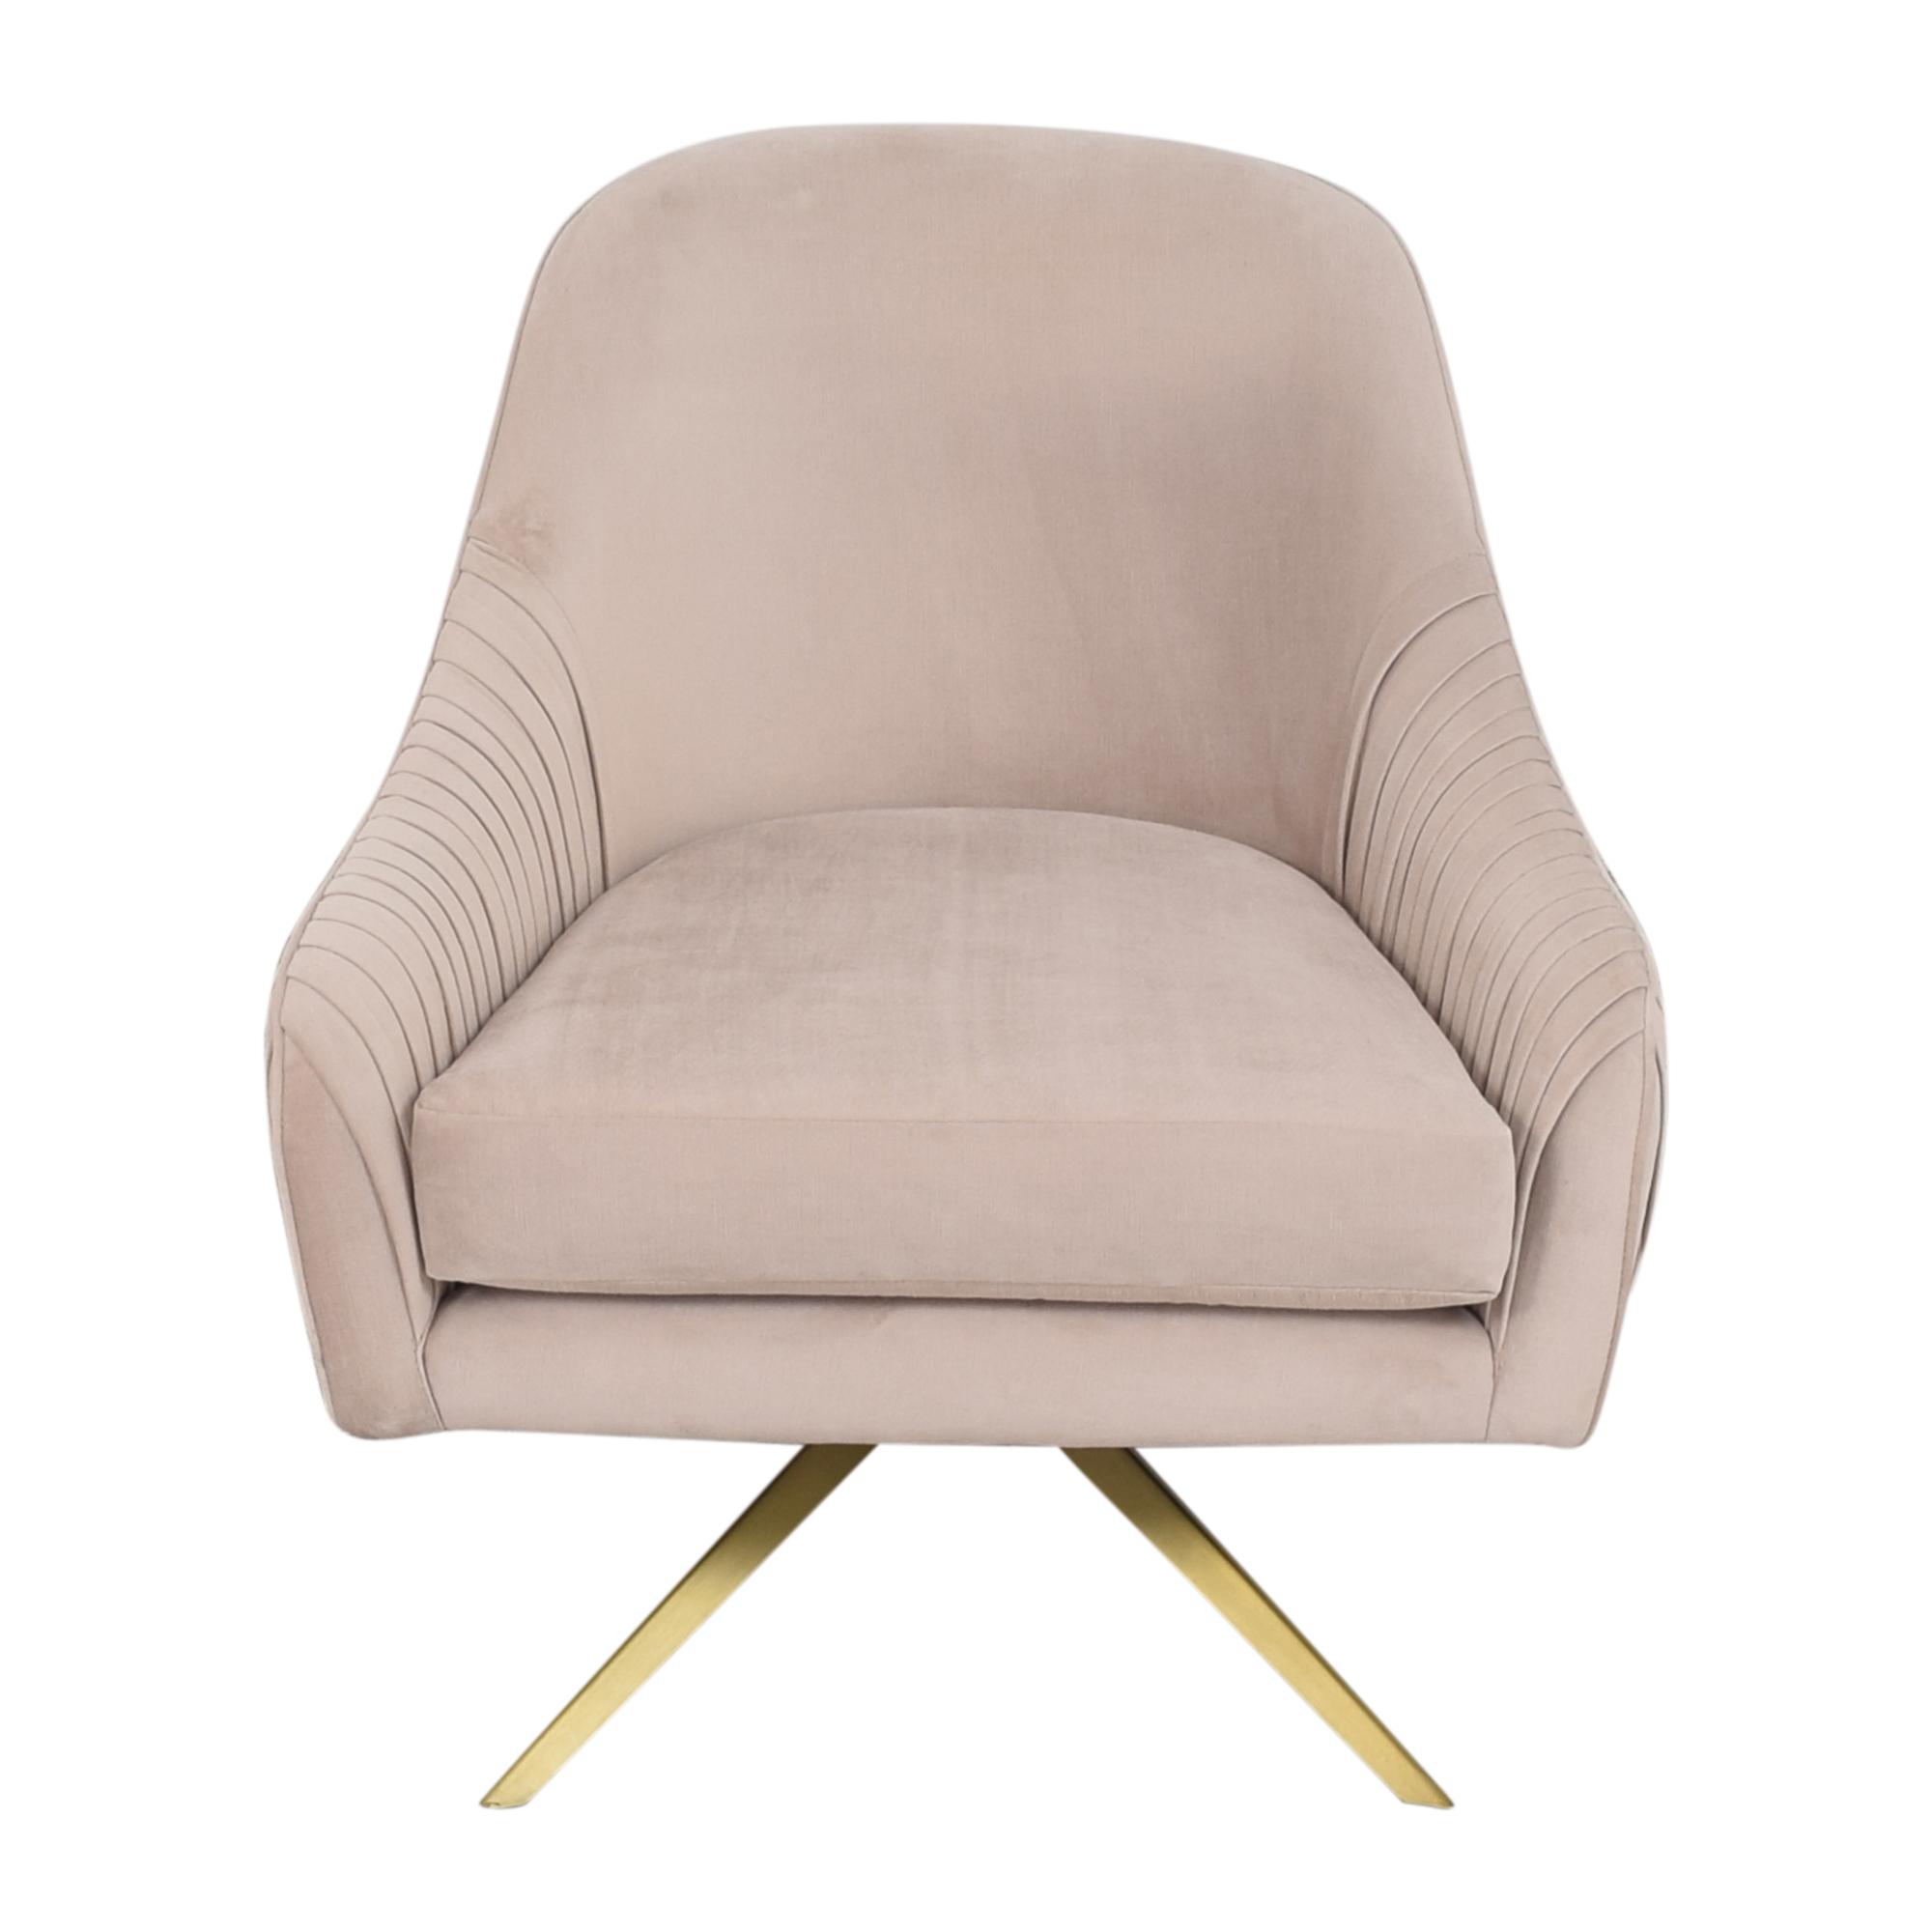 West Elm West Elm Roar & Rabbit Pleated Swivel Chair